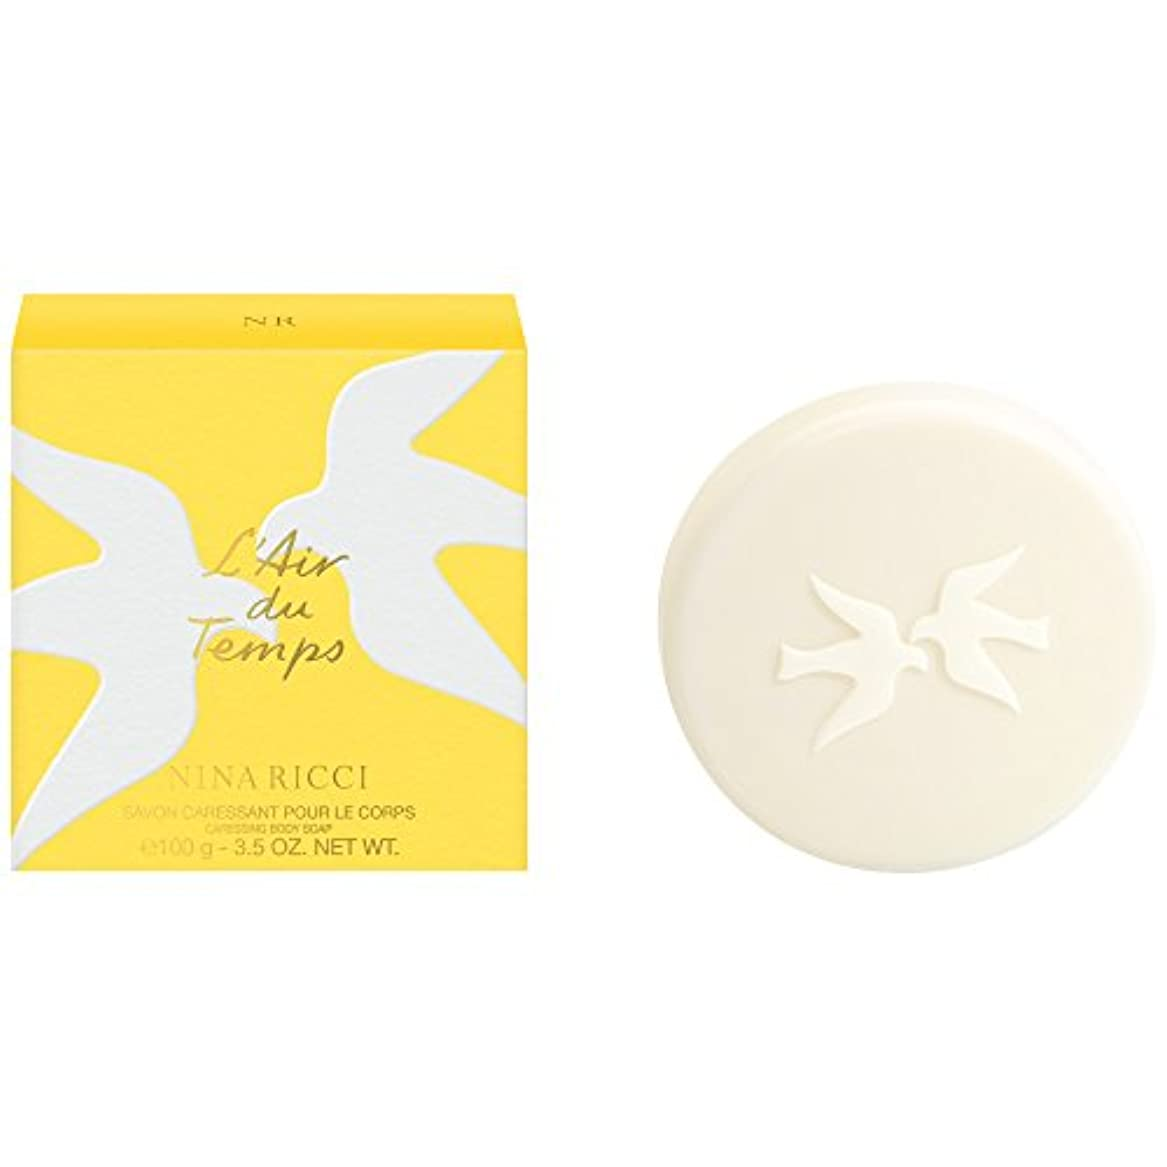 委員会特権的ファッションニナリッチL'空気デュは石鹸の100グラムをタン (Nina Ricci) - Nina Ricci L'Air du Temps Soap 100g [並行輸入品]